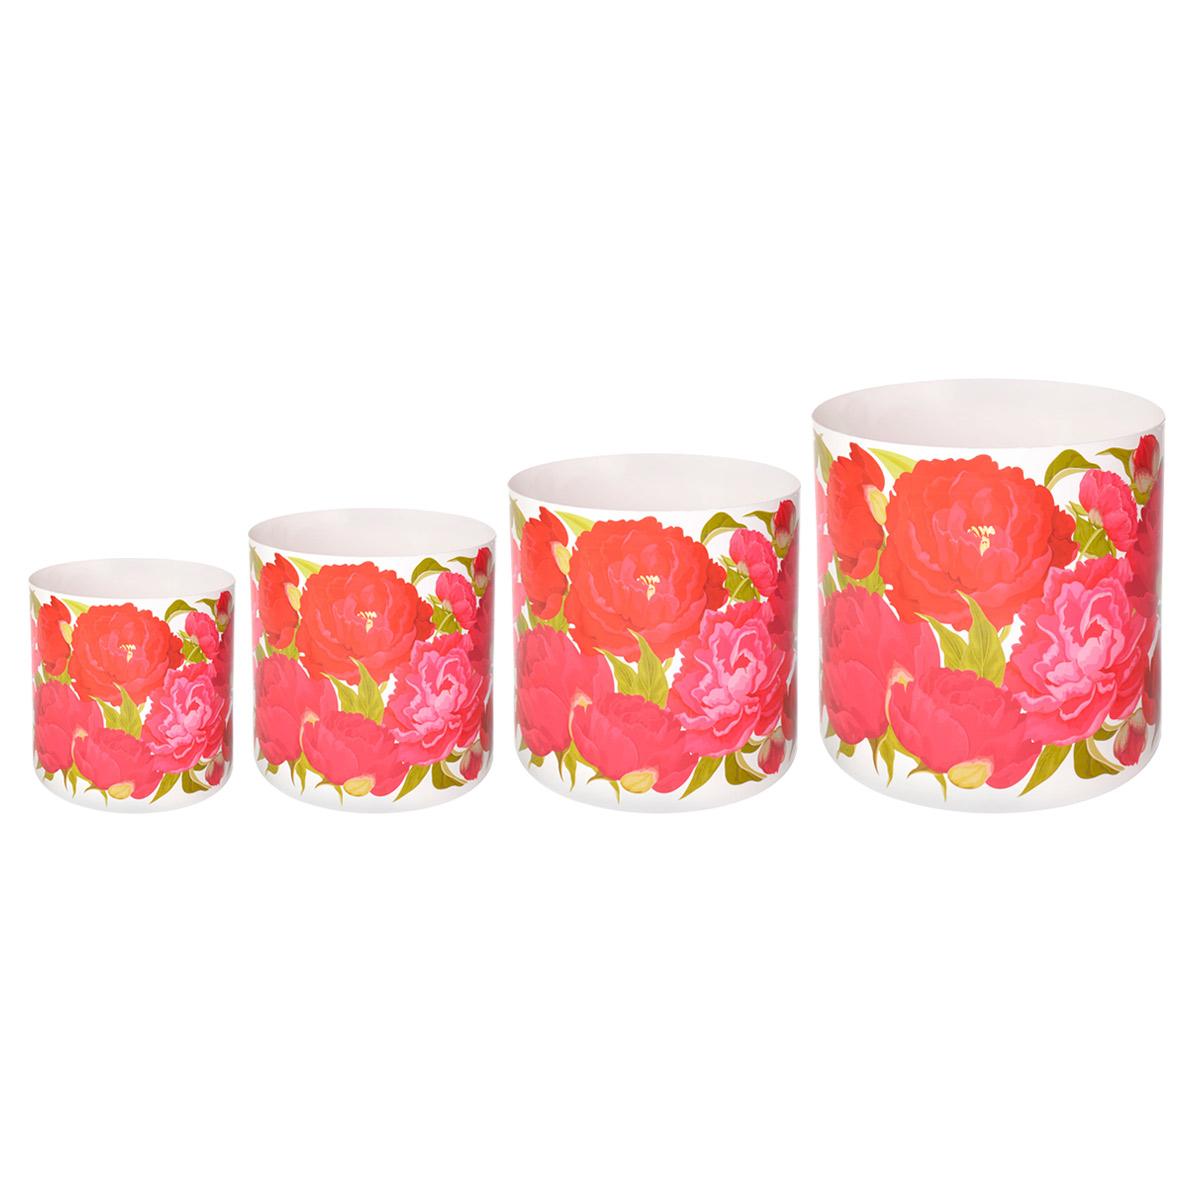 Набор горшков для цветов Miolla Пионы, со скрытым поддоном, 4 предметаSMG-SET9Набор Miolla Пионы состоит из 4 горшков со скрытыми поддонами. Горшки выполнены из пластика и декорированы цветочным рисунком. Изделия предназначены для цветов. Изделия оснащены специальными скрытыми поддонами. Диаметр горшков: 20,5 см, 16,5 см, 13,5 см, 11,5 см. Высота горшков (с учетом поддона): 19 см, 16 см, 13,5 см, 11,5 см. Объем горшков: 1 л, 1,7 л, 2,8 л, 5,1 л.